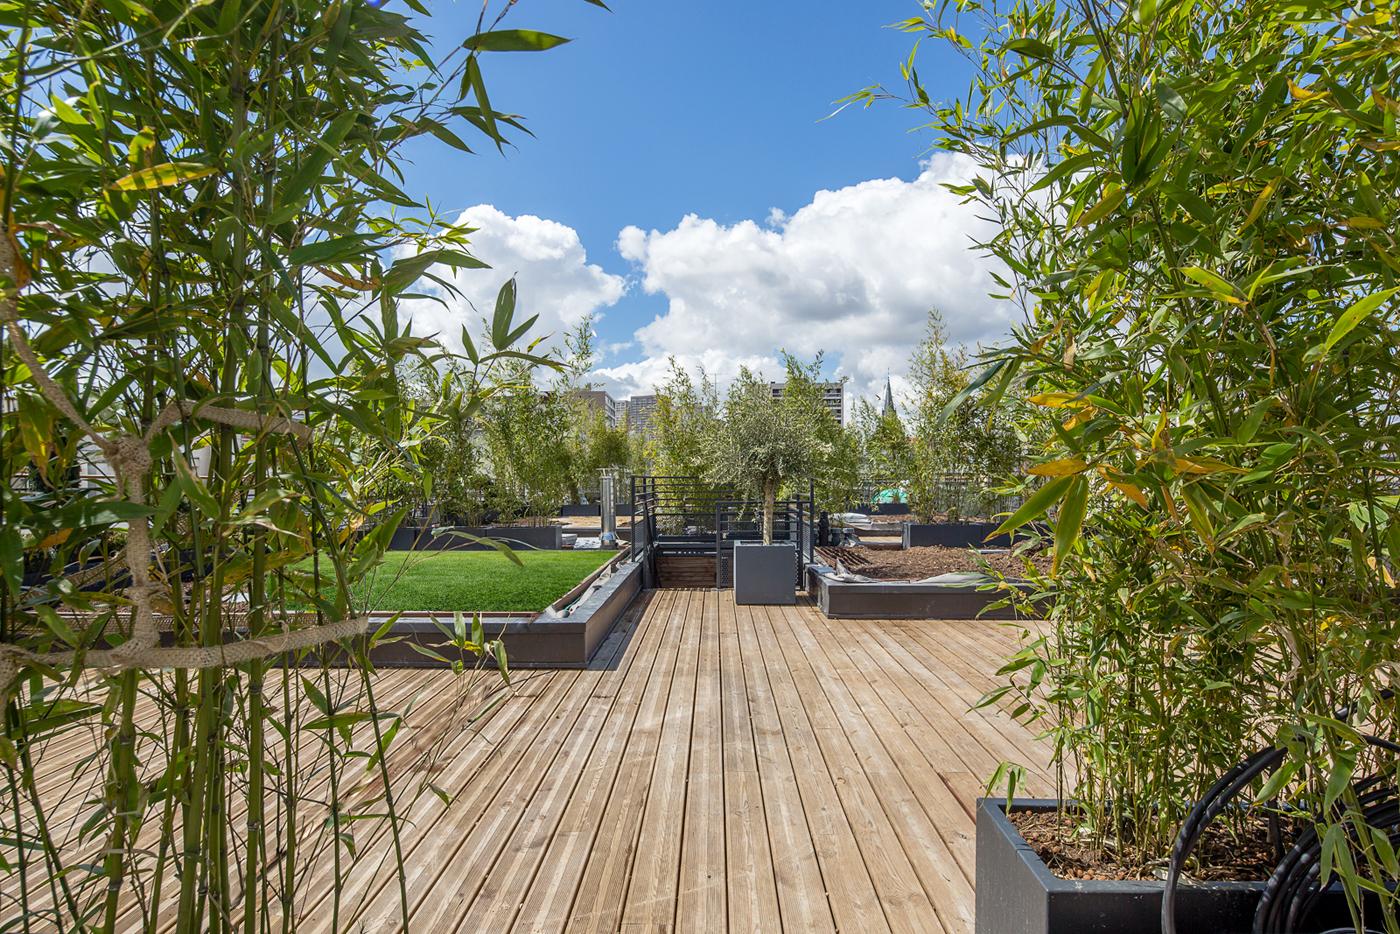 Maisons sur toit charcot paris esprimm for Jardin avec terrasse